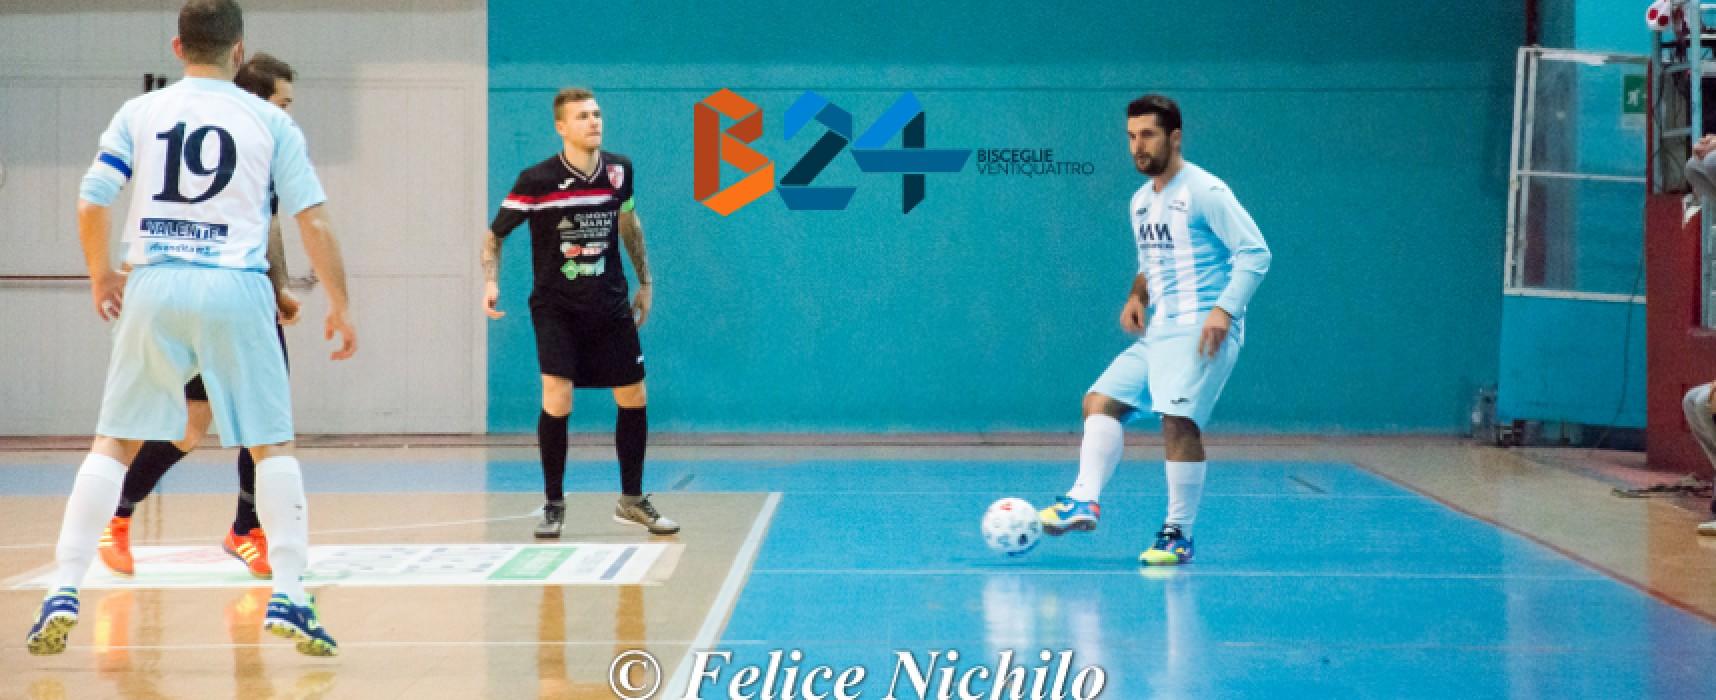 Futsal, Serie C1: battuta d'arresto per il Nettuno, pari esterno per la Diaz / RISULTATI e CLASSIFICA